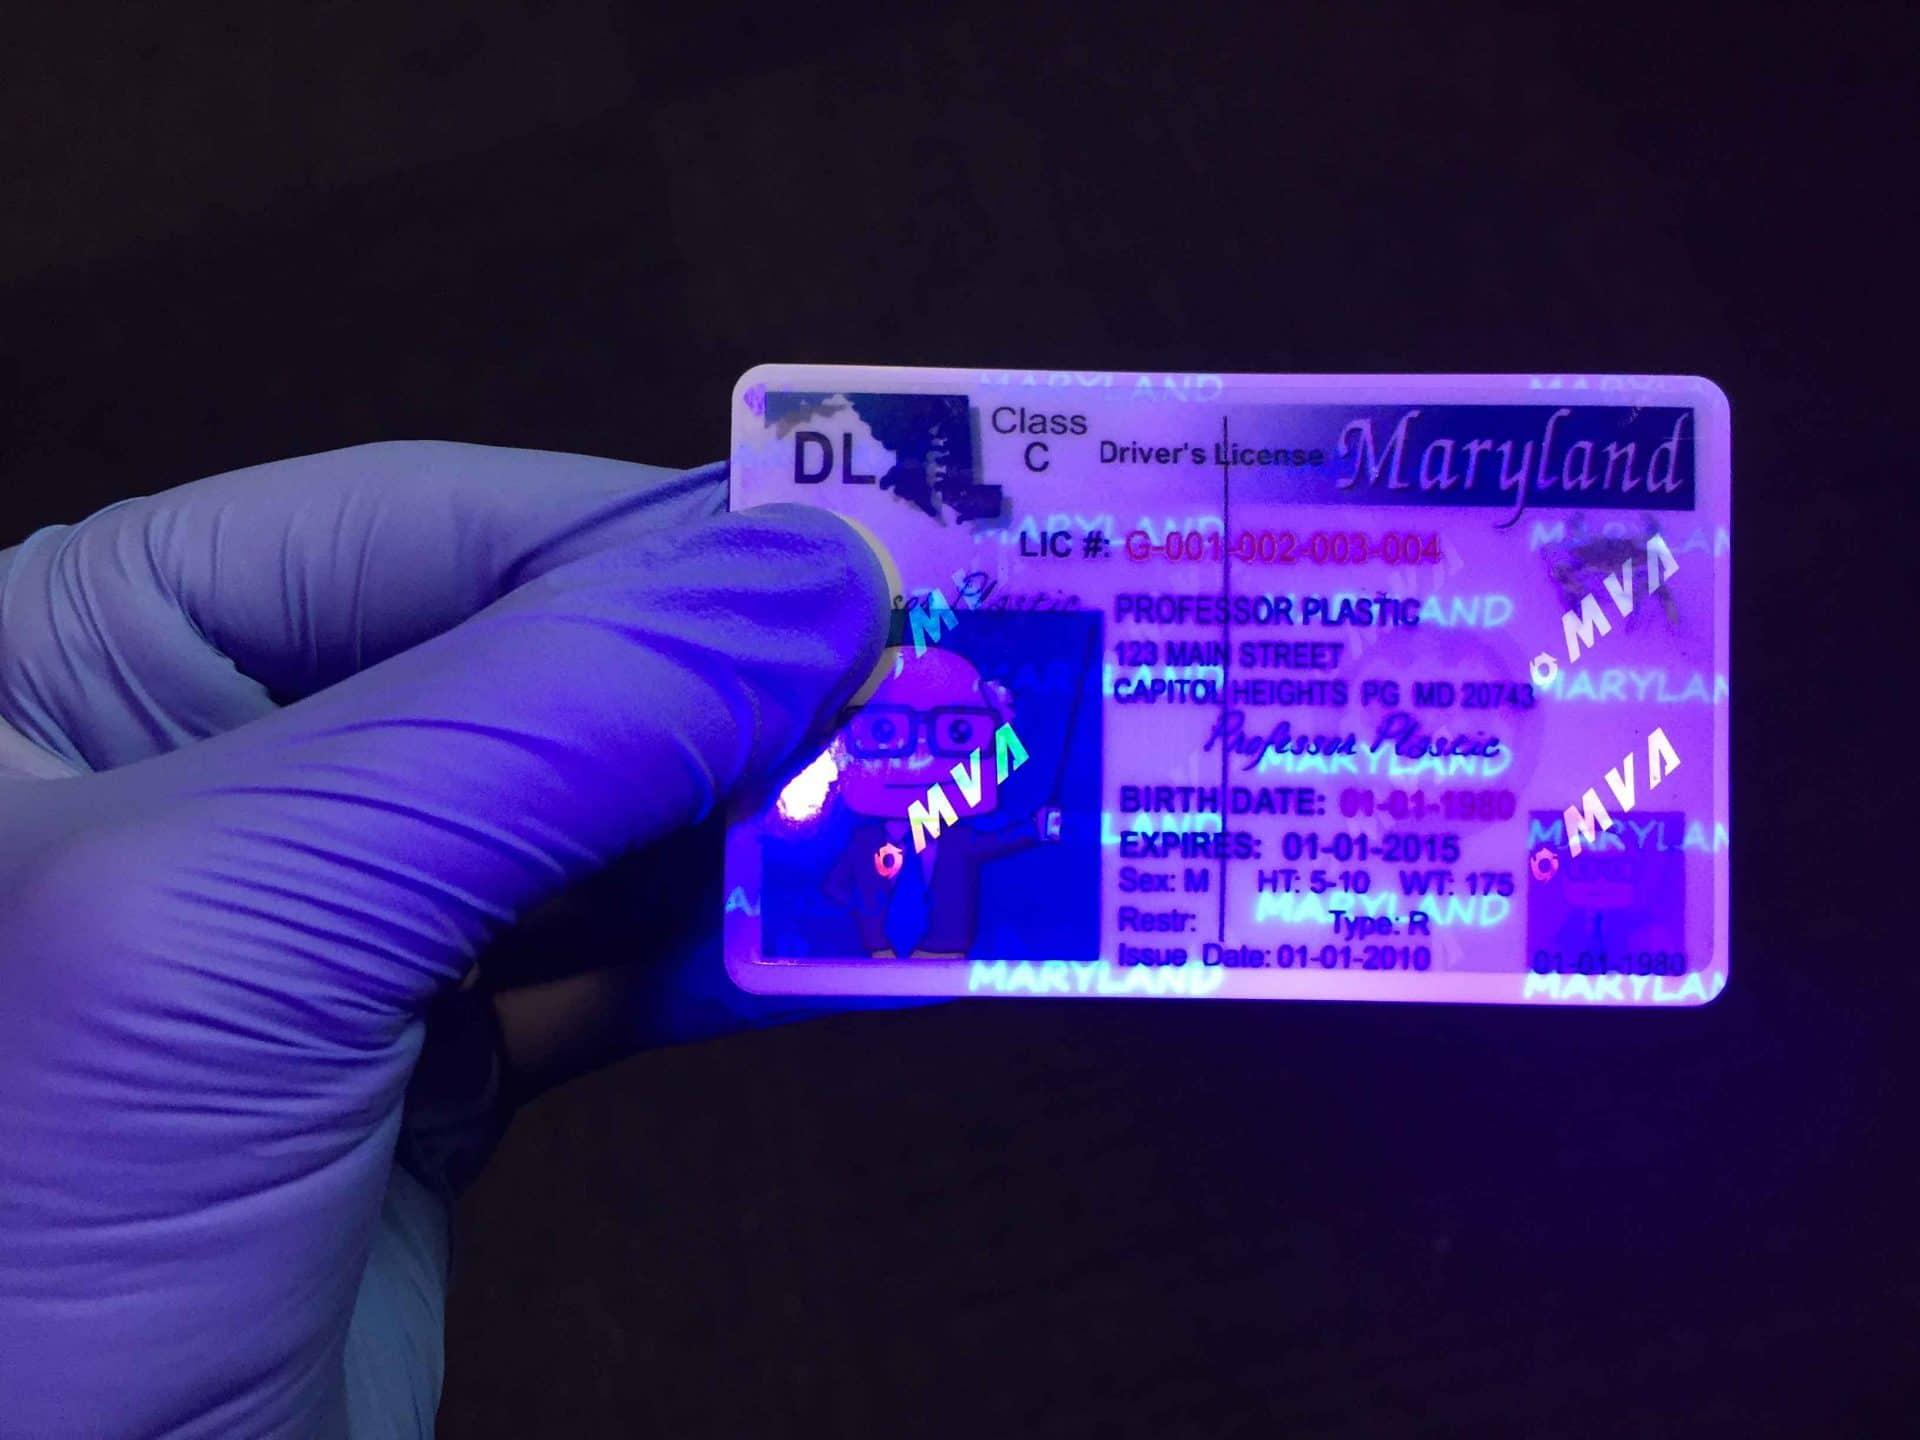 uv light detection card